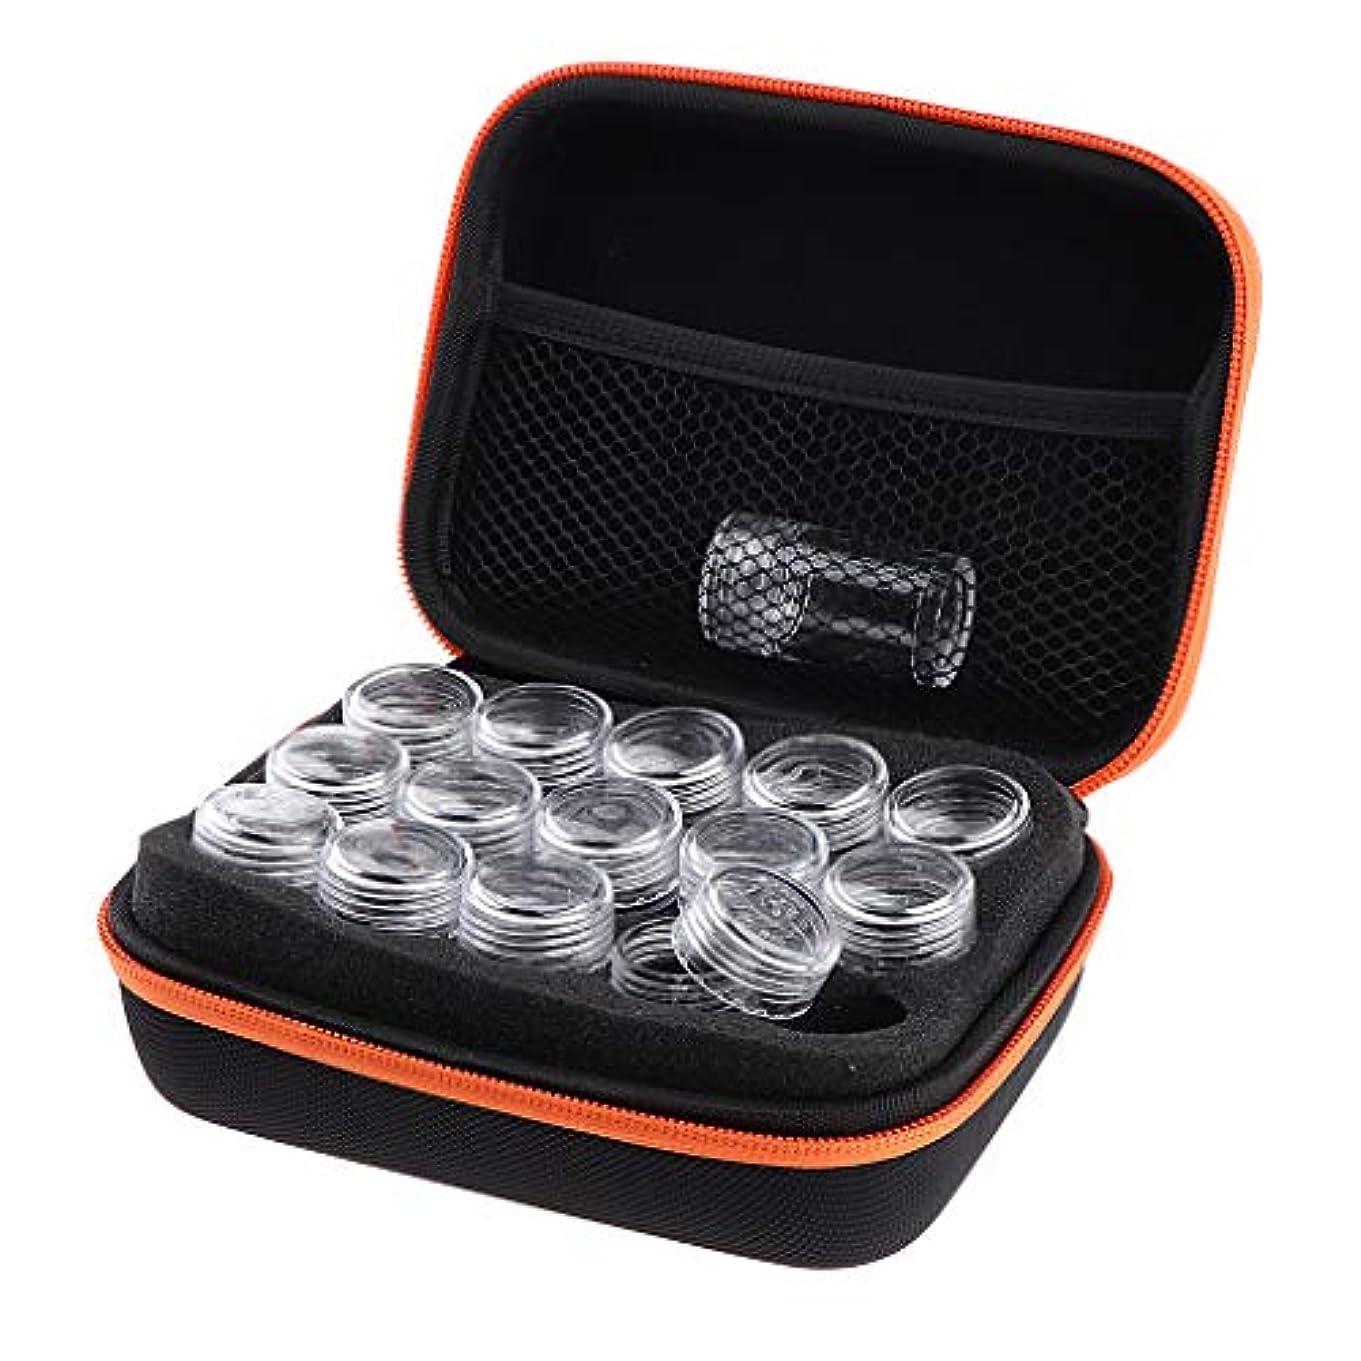 中傷考慮温度計アロマポーチ 15本用 エッセンシャルオイル ケース 携帯用メイクポーチ 精油ケース 香水収納バッグ - オレンジ